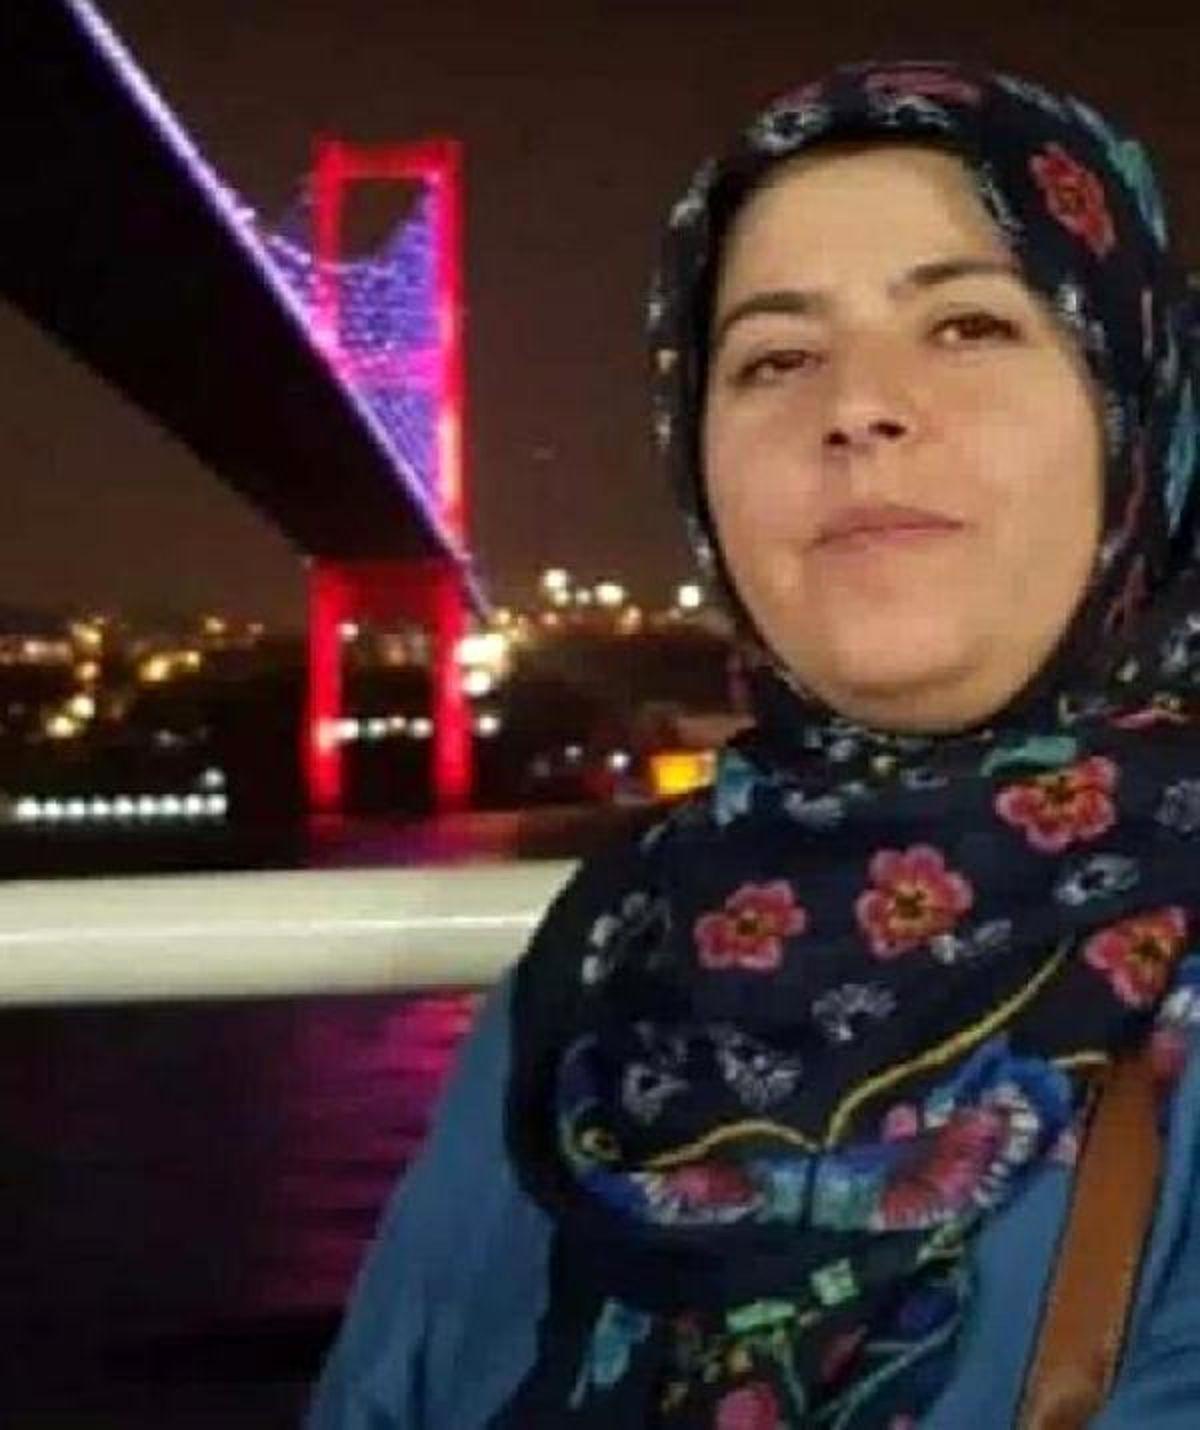 Gaziantep'te eşi tarafından darbedilip, otomobilden atılan kadın öldü